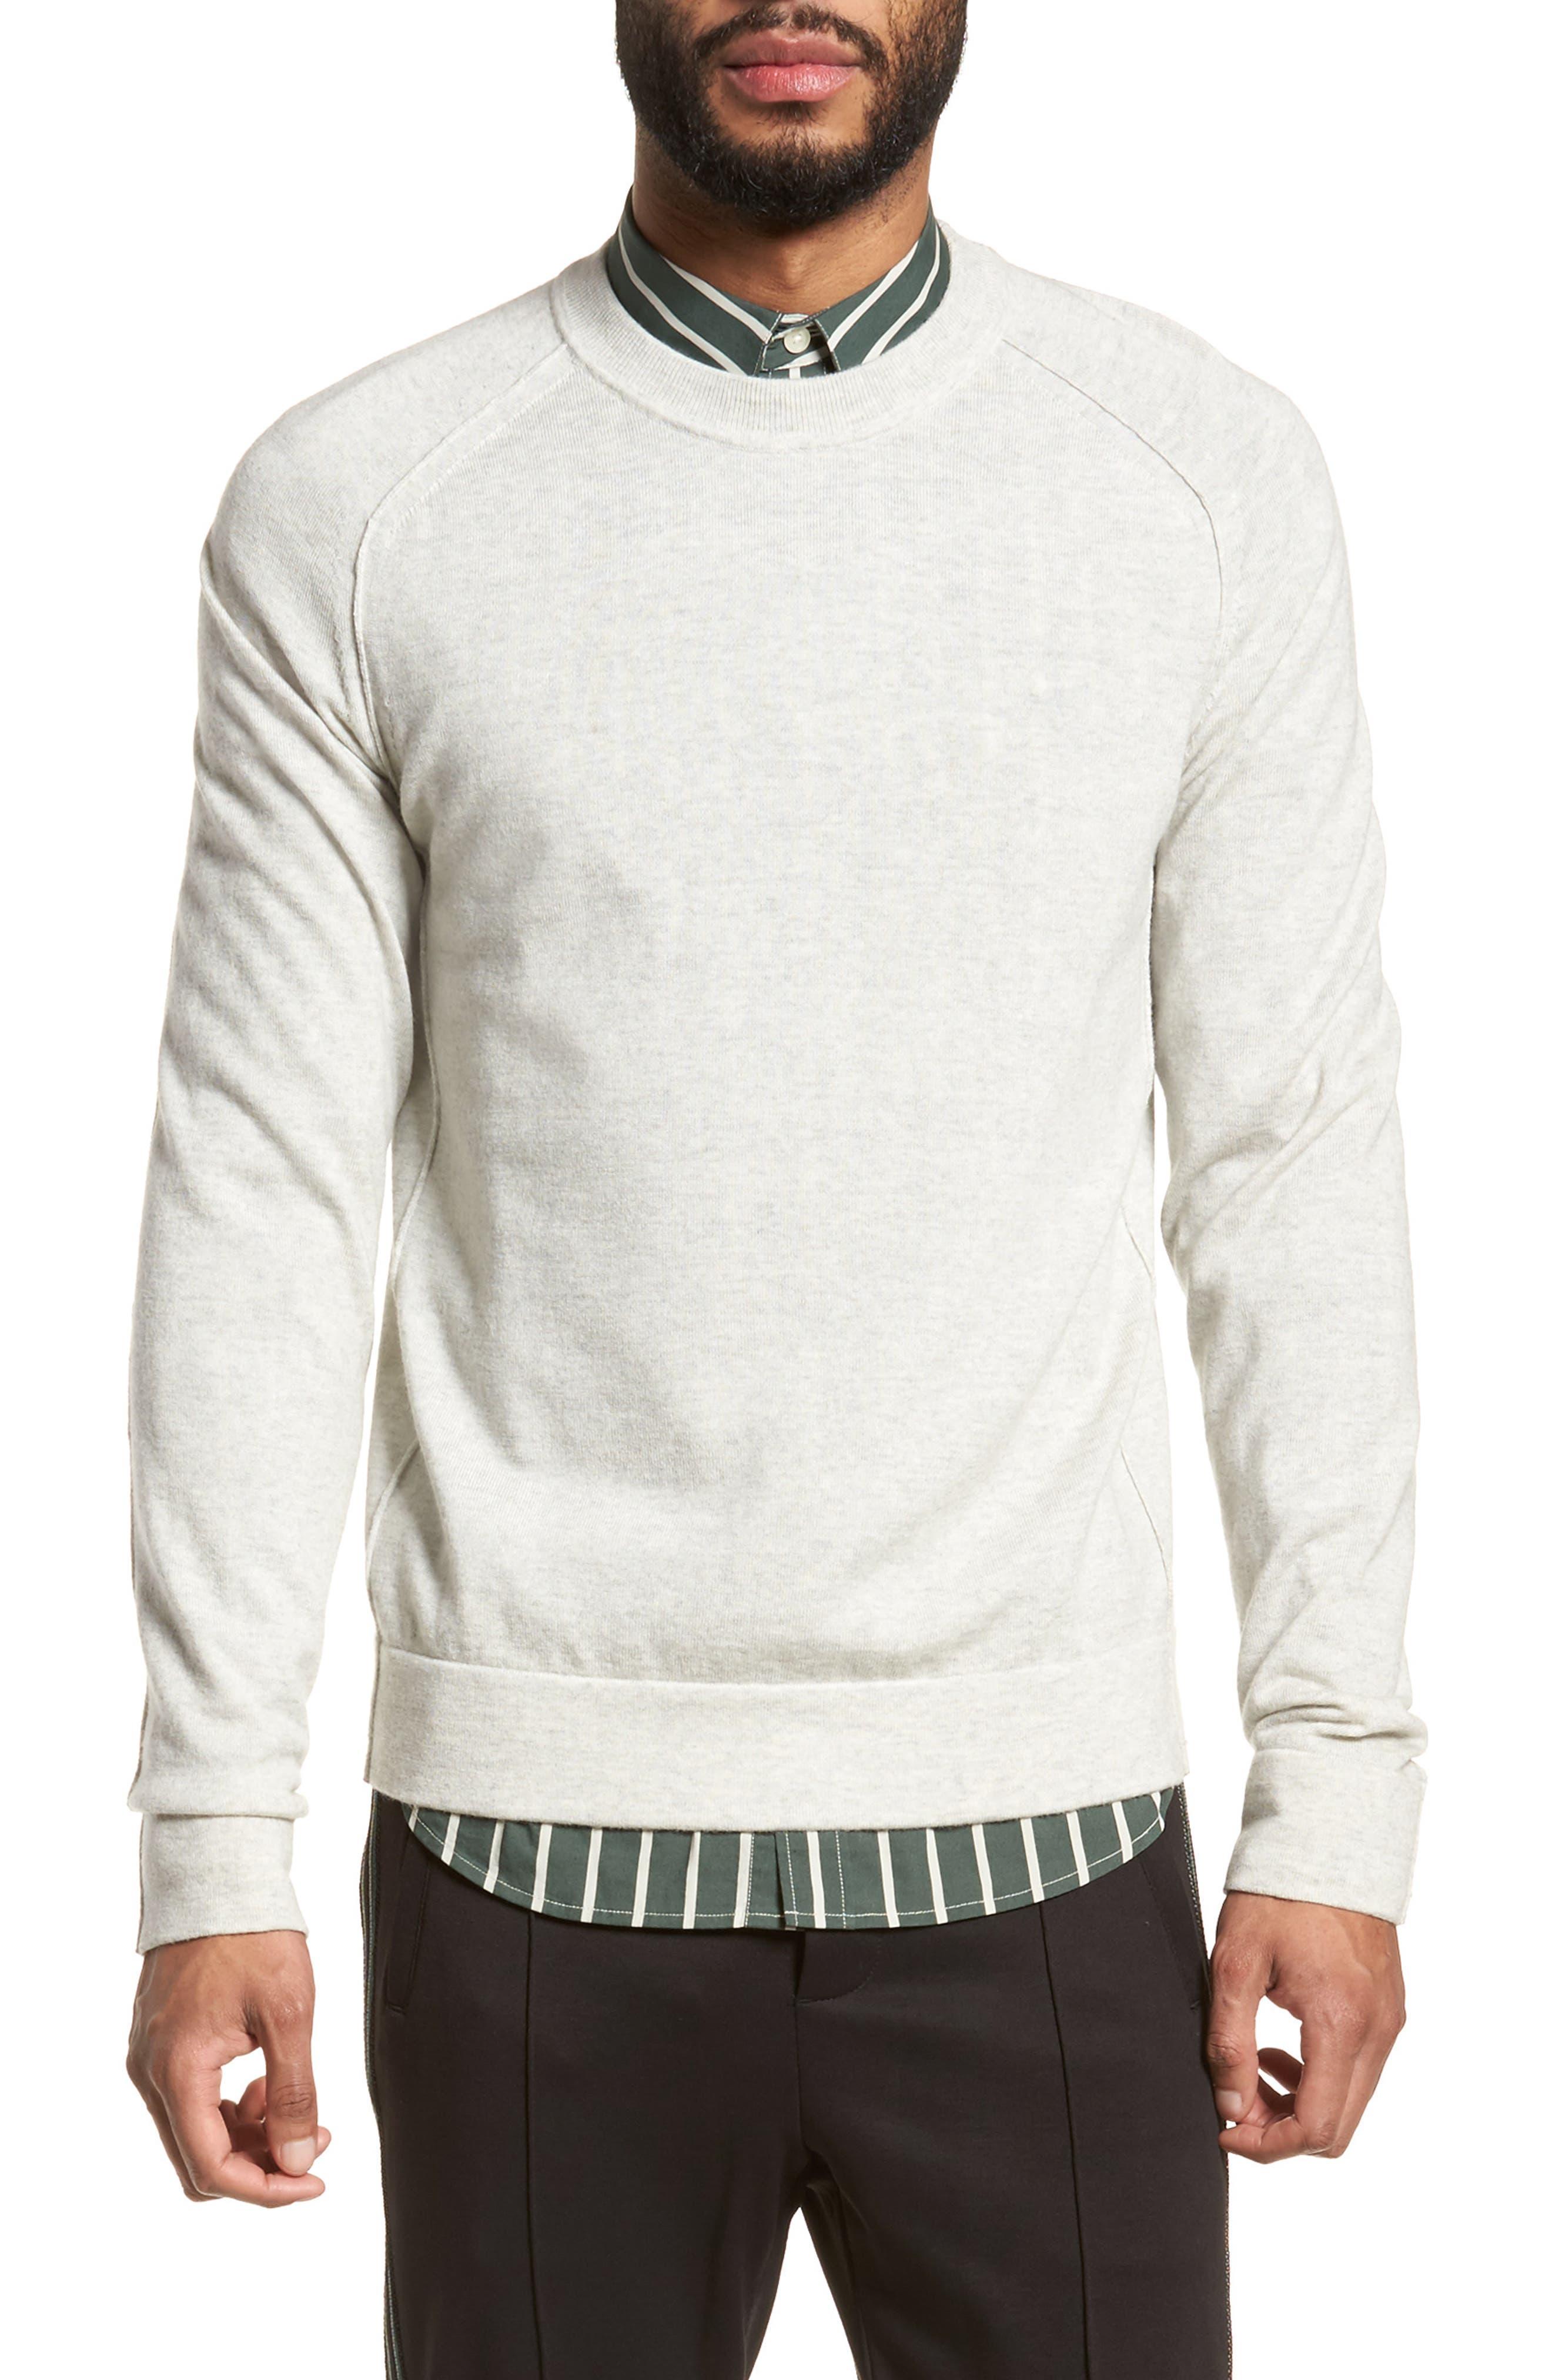 Vince Raw Seam Merino Wool Sweater